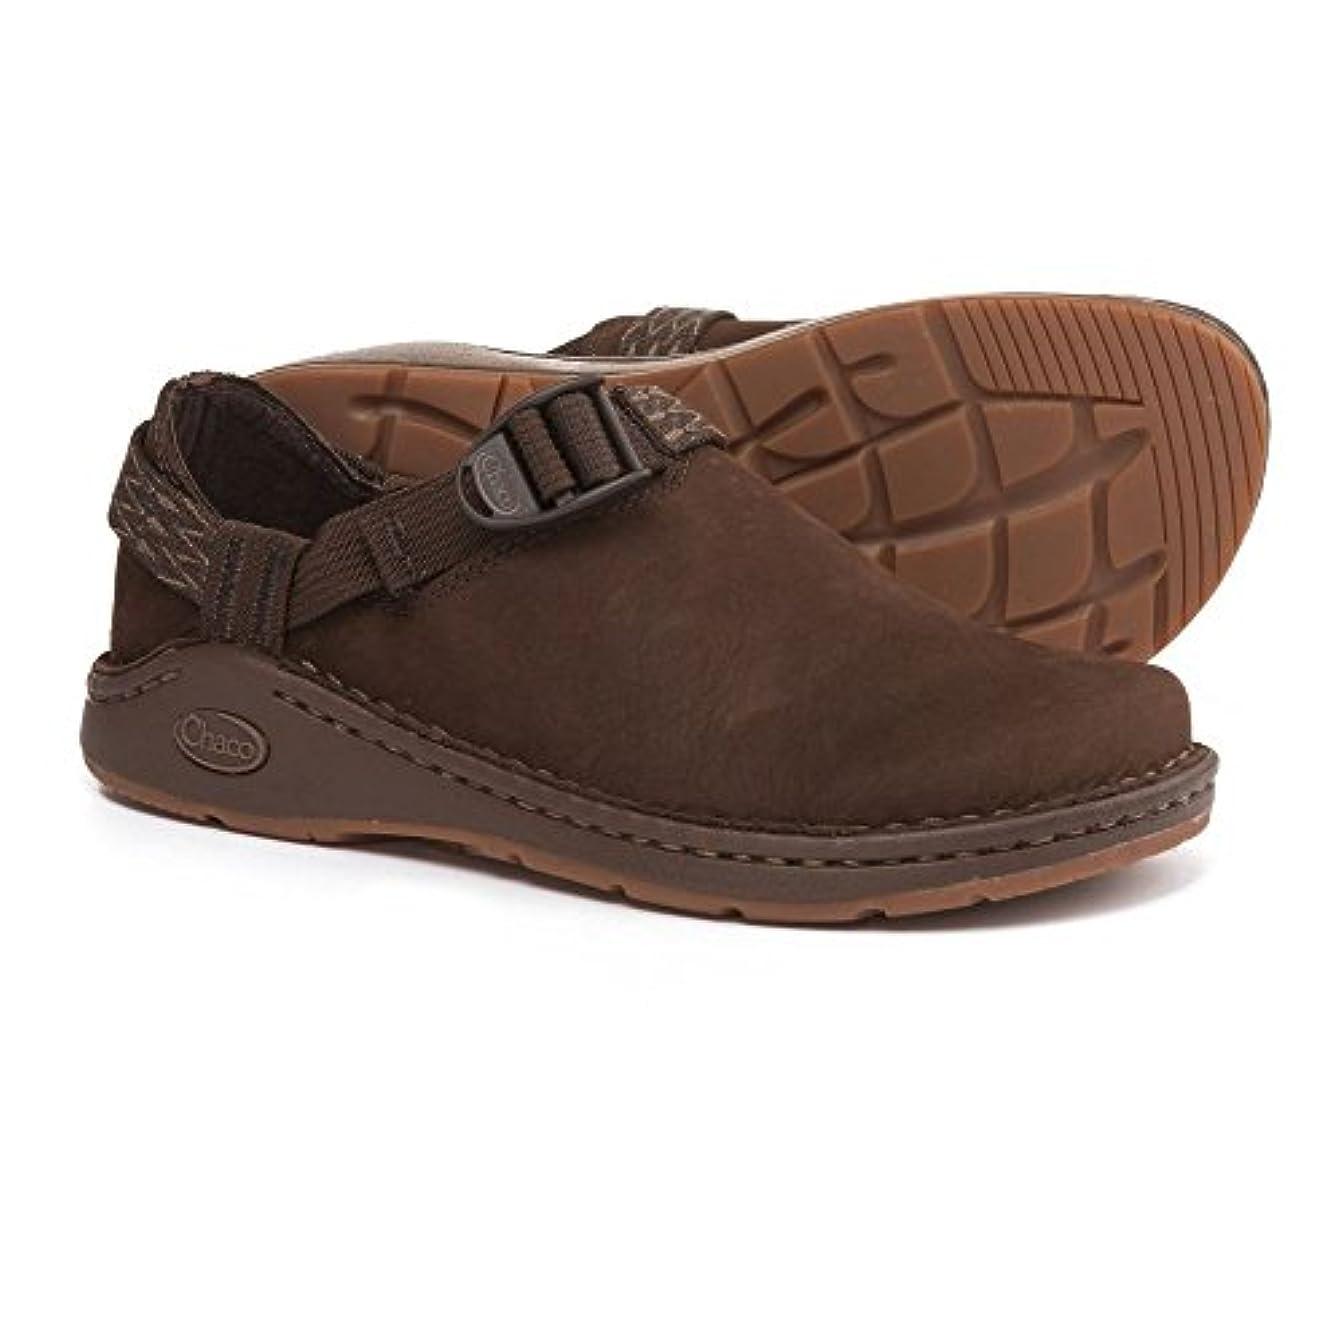 スタウトコーヒーホスト(チャコ) Chaco レディース シューズ?靴 Pedshed Shoes - Nubuck [並行輸入品]